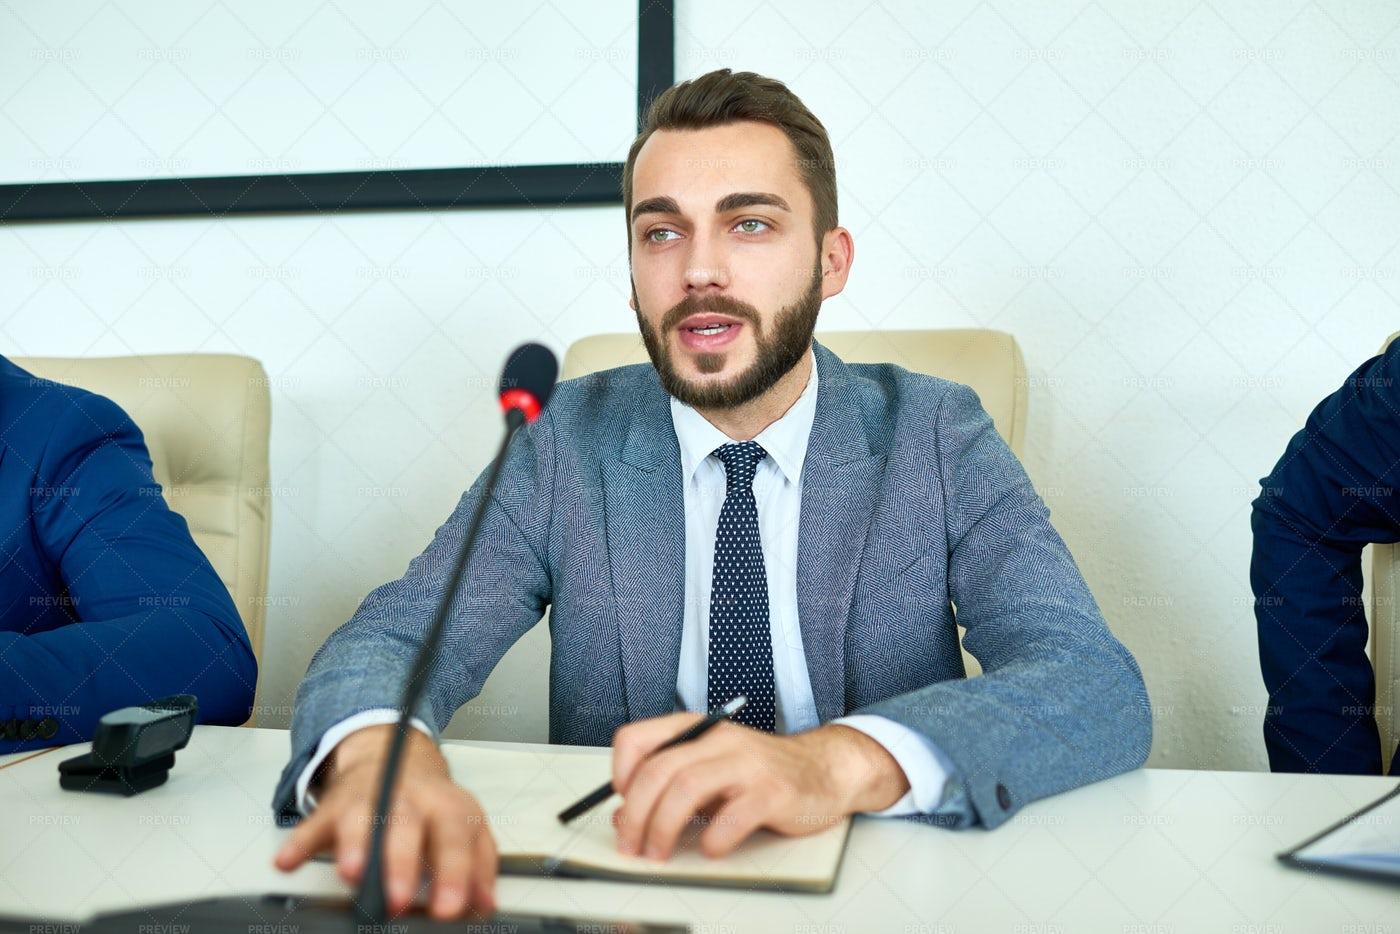 Young Politician Giving Speech: Stock Photos